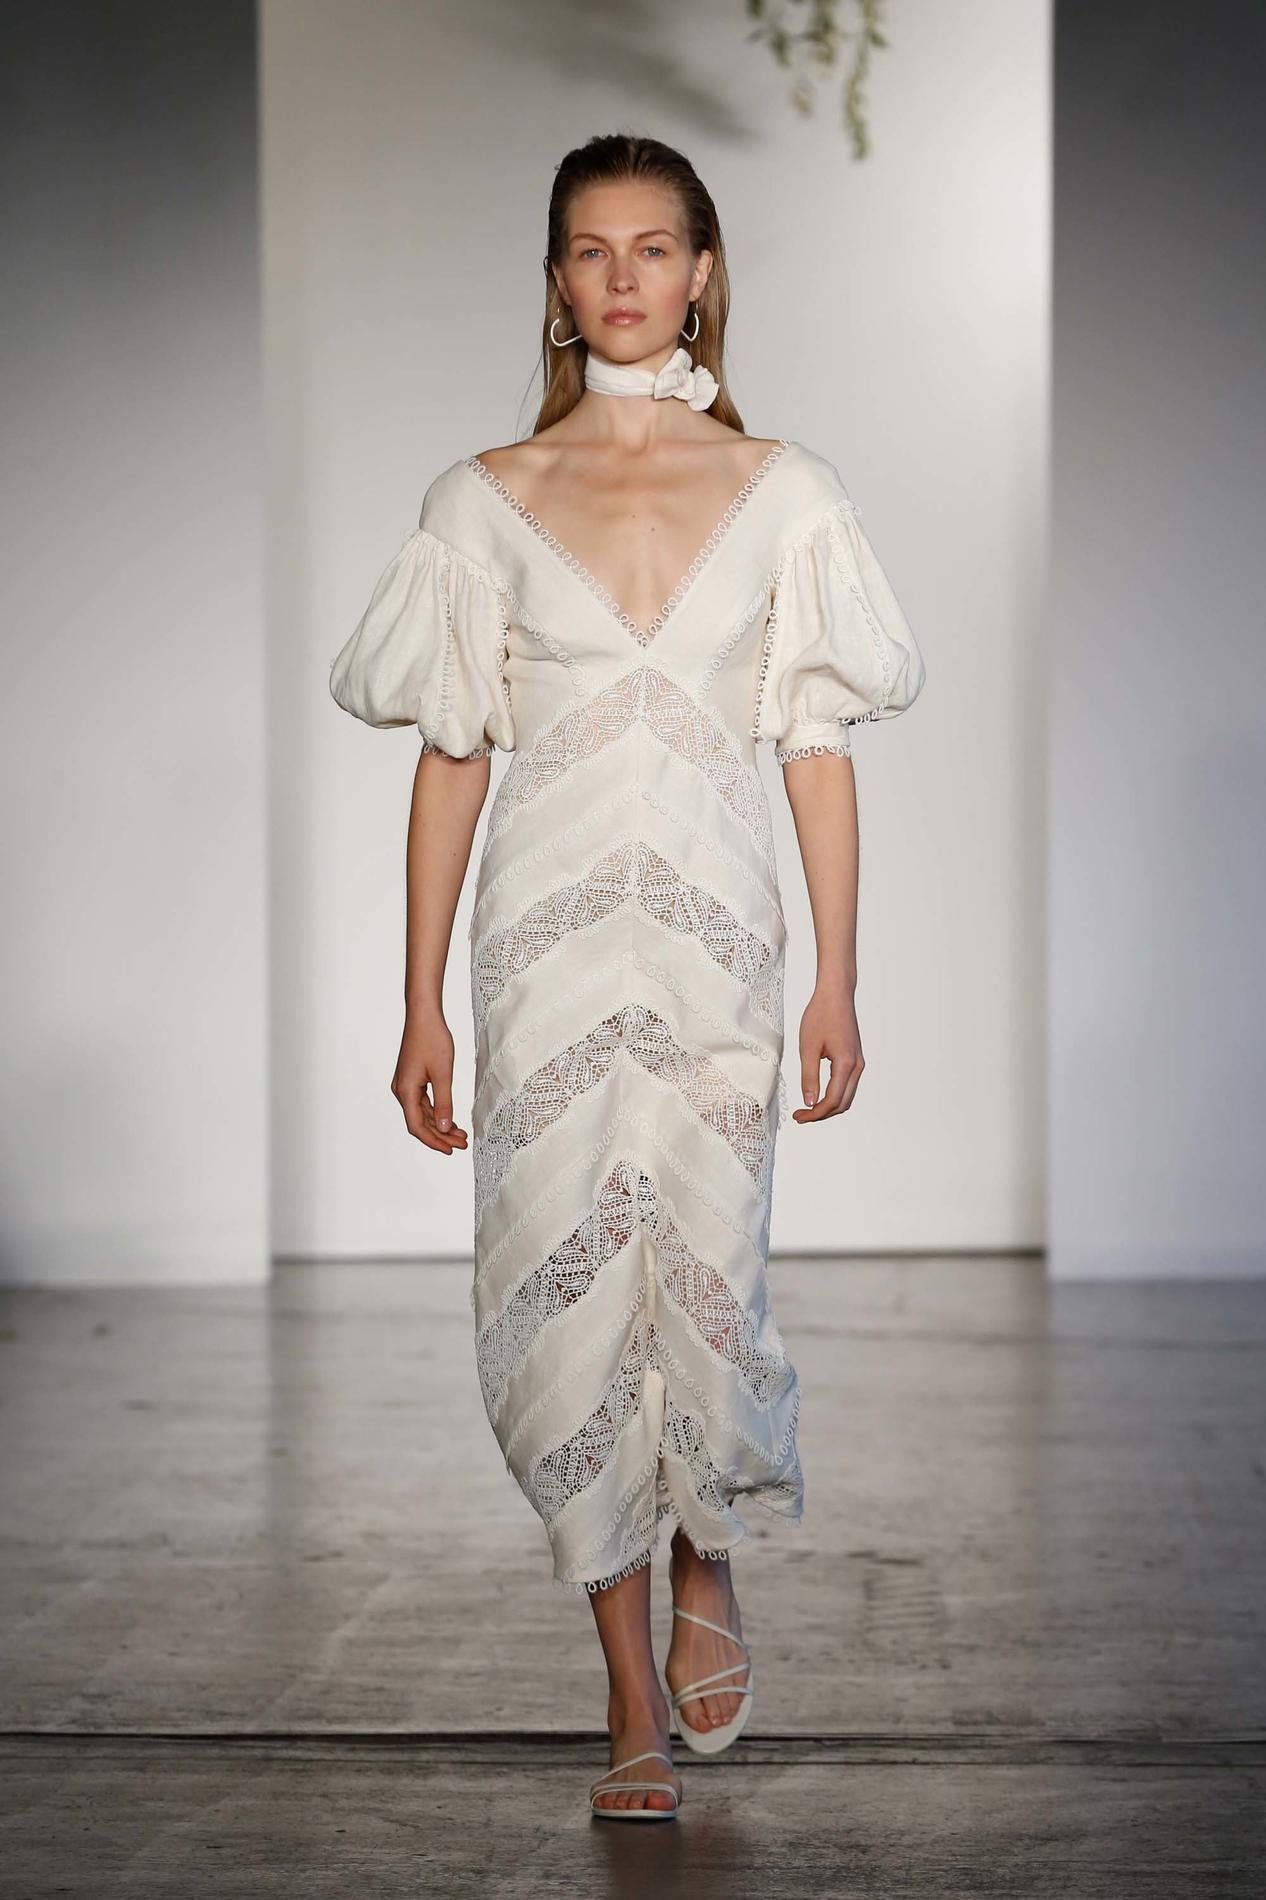 ... Nos idées de tenues pour un mariage civil en 2018 - Zimmermann ... 801b85e0c15